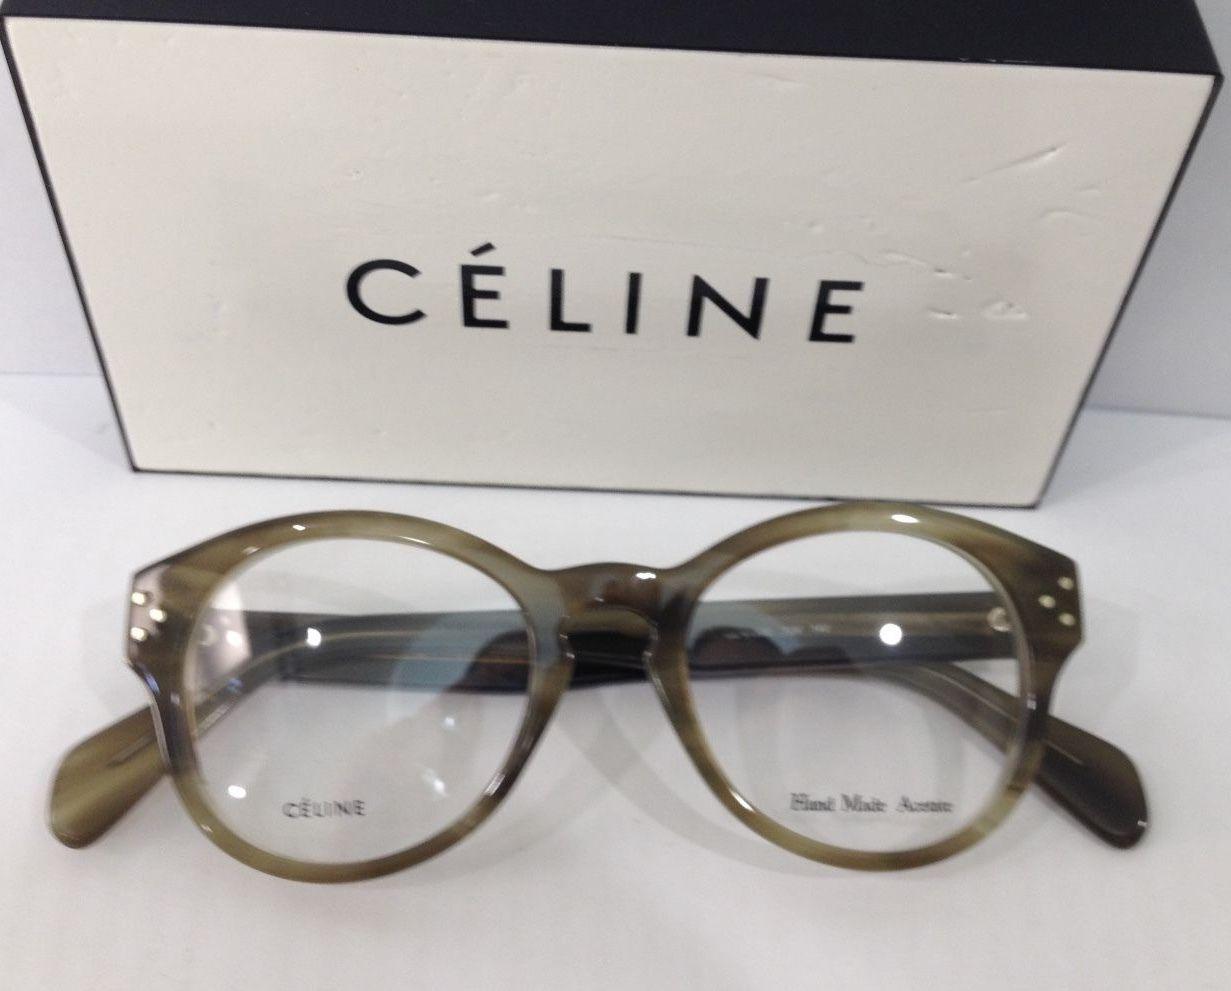 Glasses Frame Size 47 : CELINE CL 41300 COLOR 7J7 OLIVE STREAK PLASTIC EYEGLASSES ...